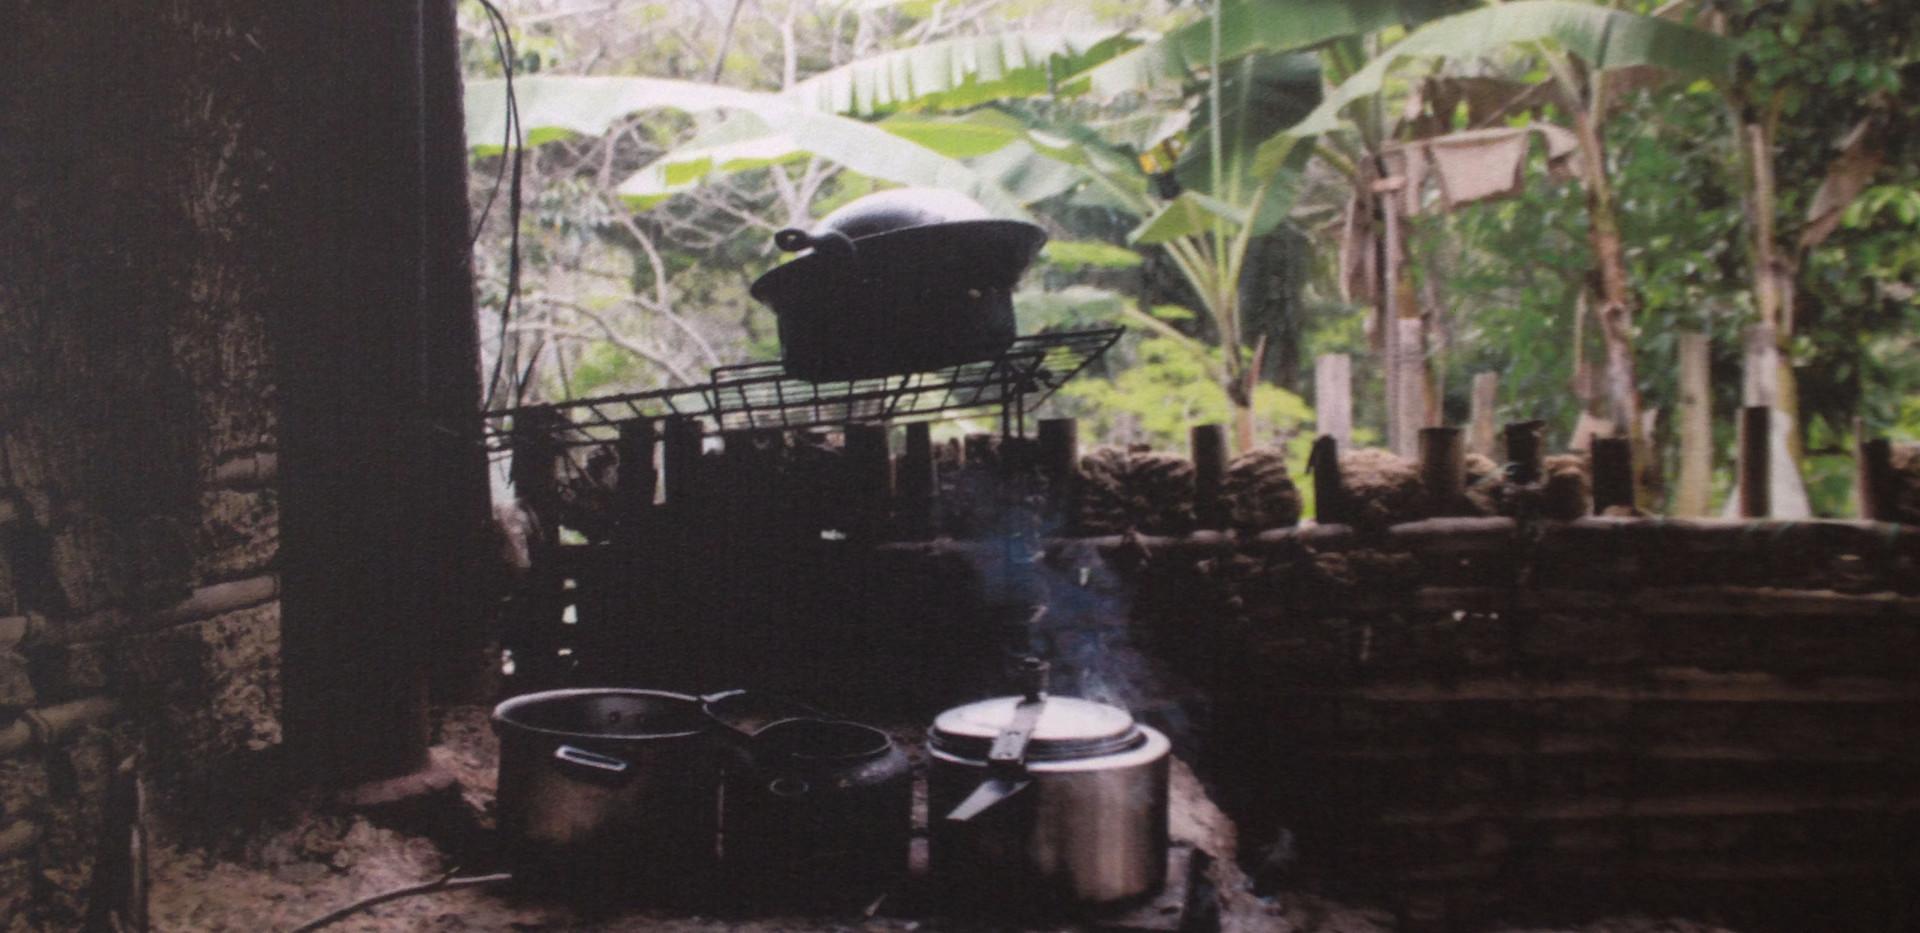 Cultures constructives en terre Brésil_12